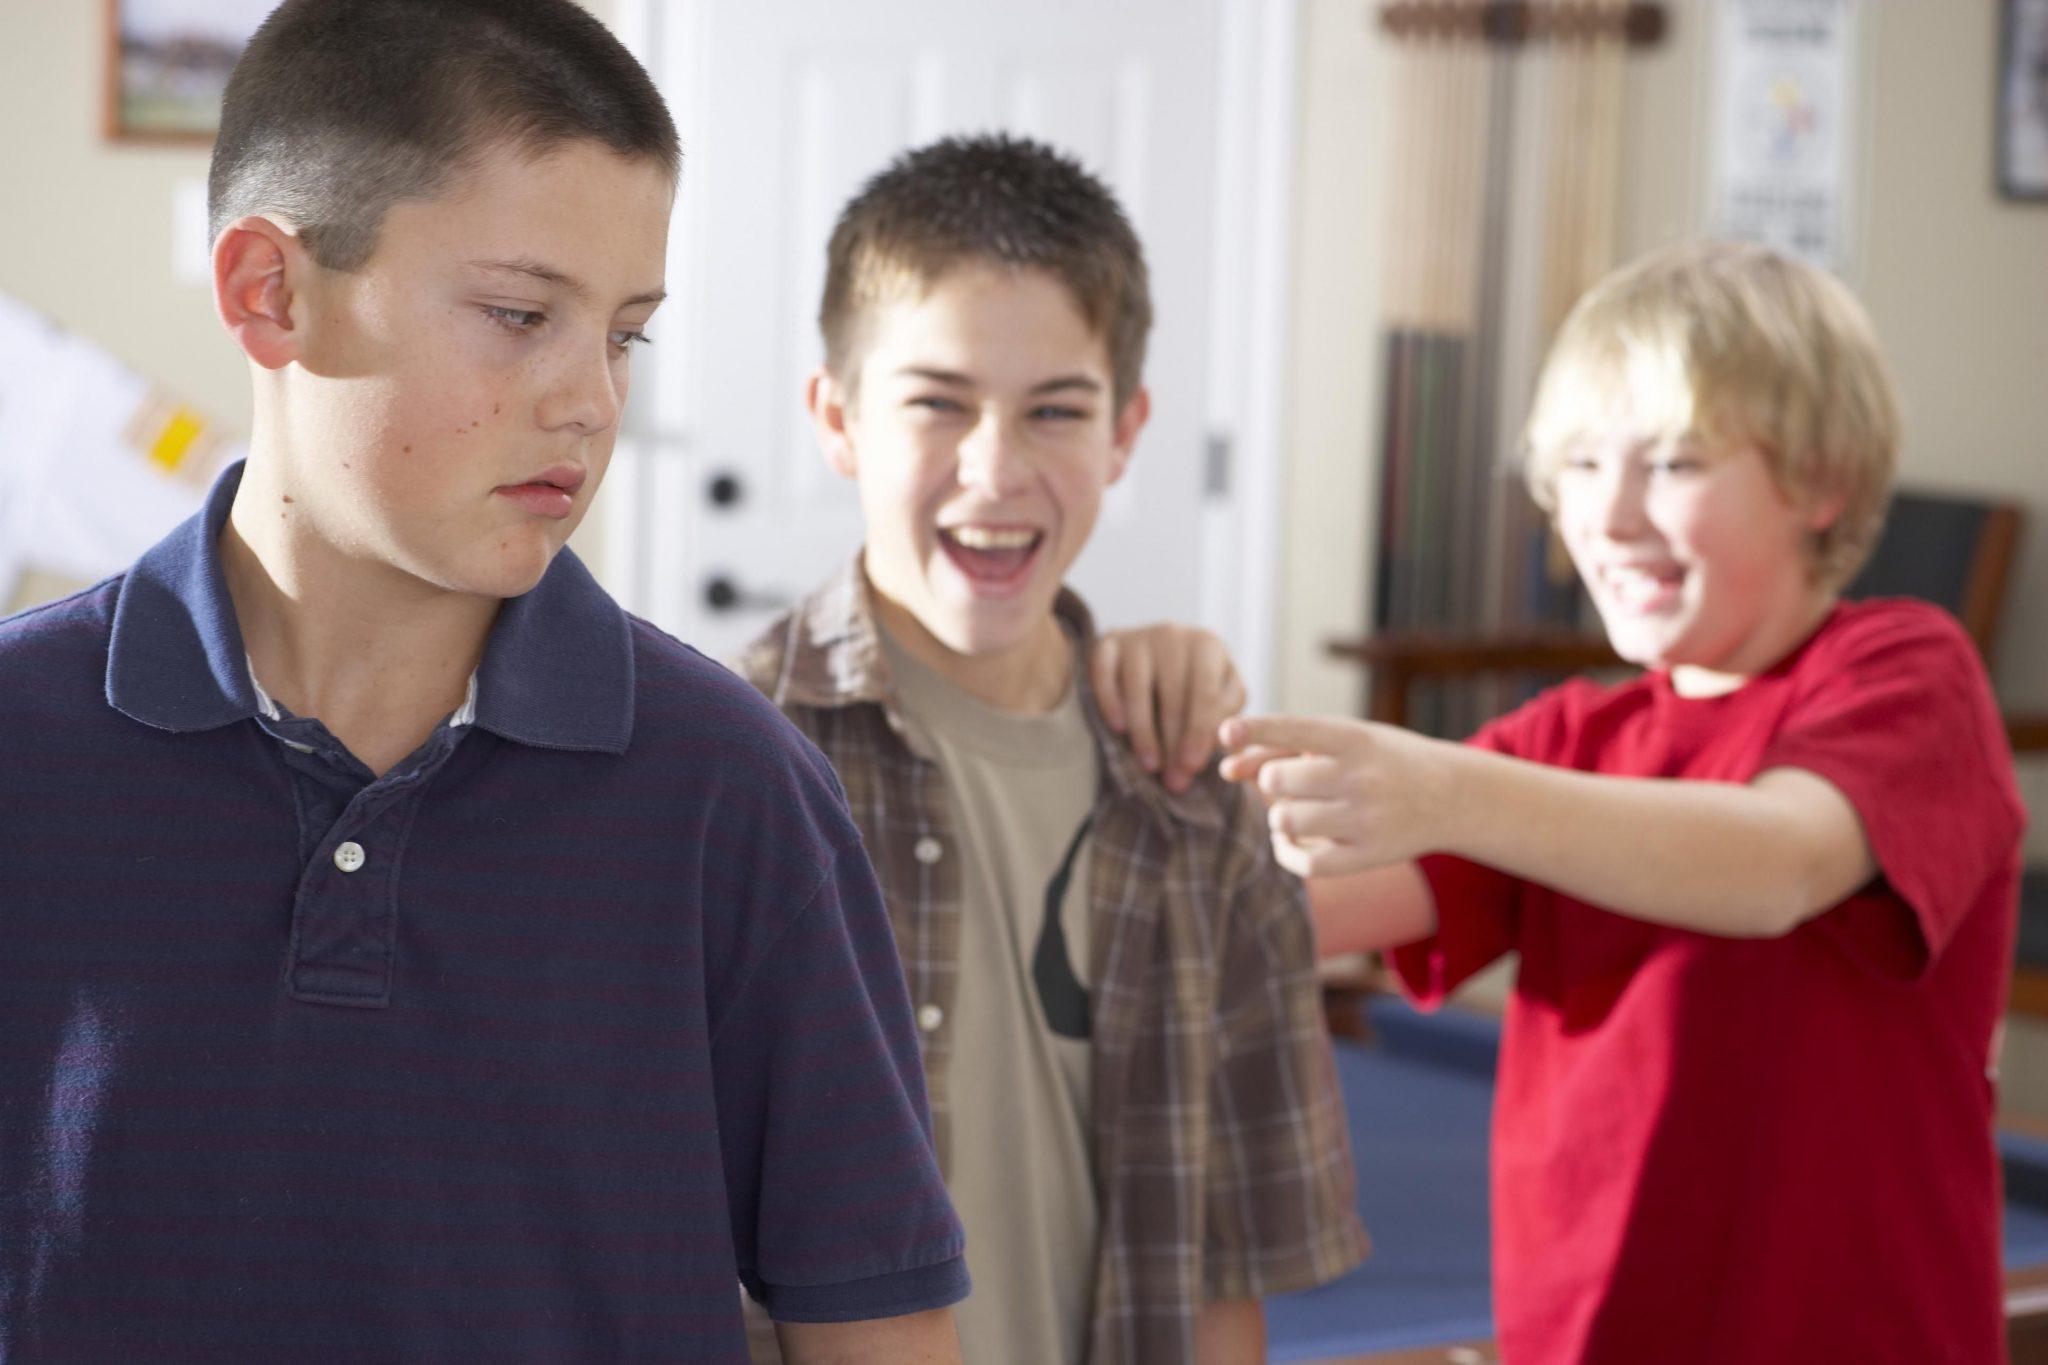 Безопасность ребенка в школе